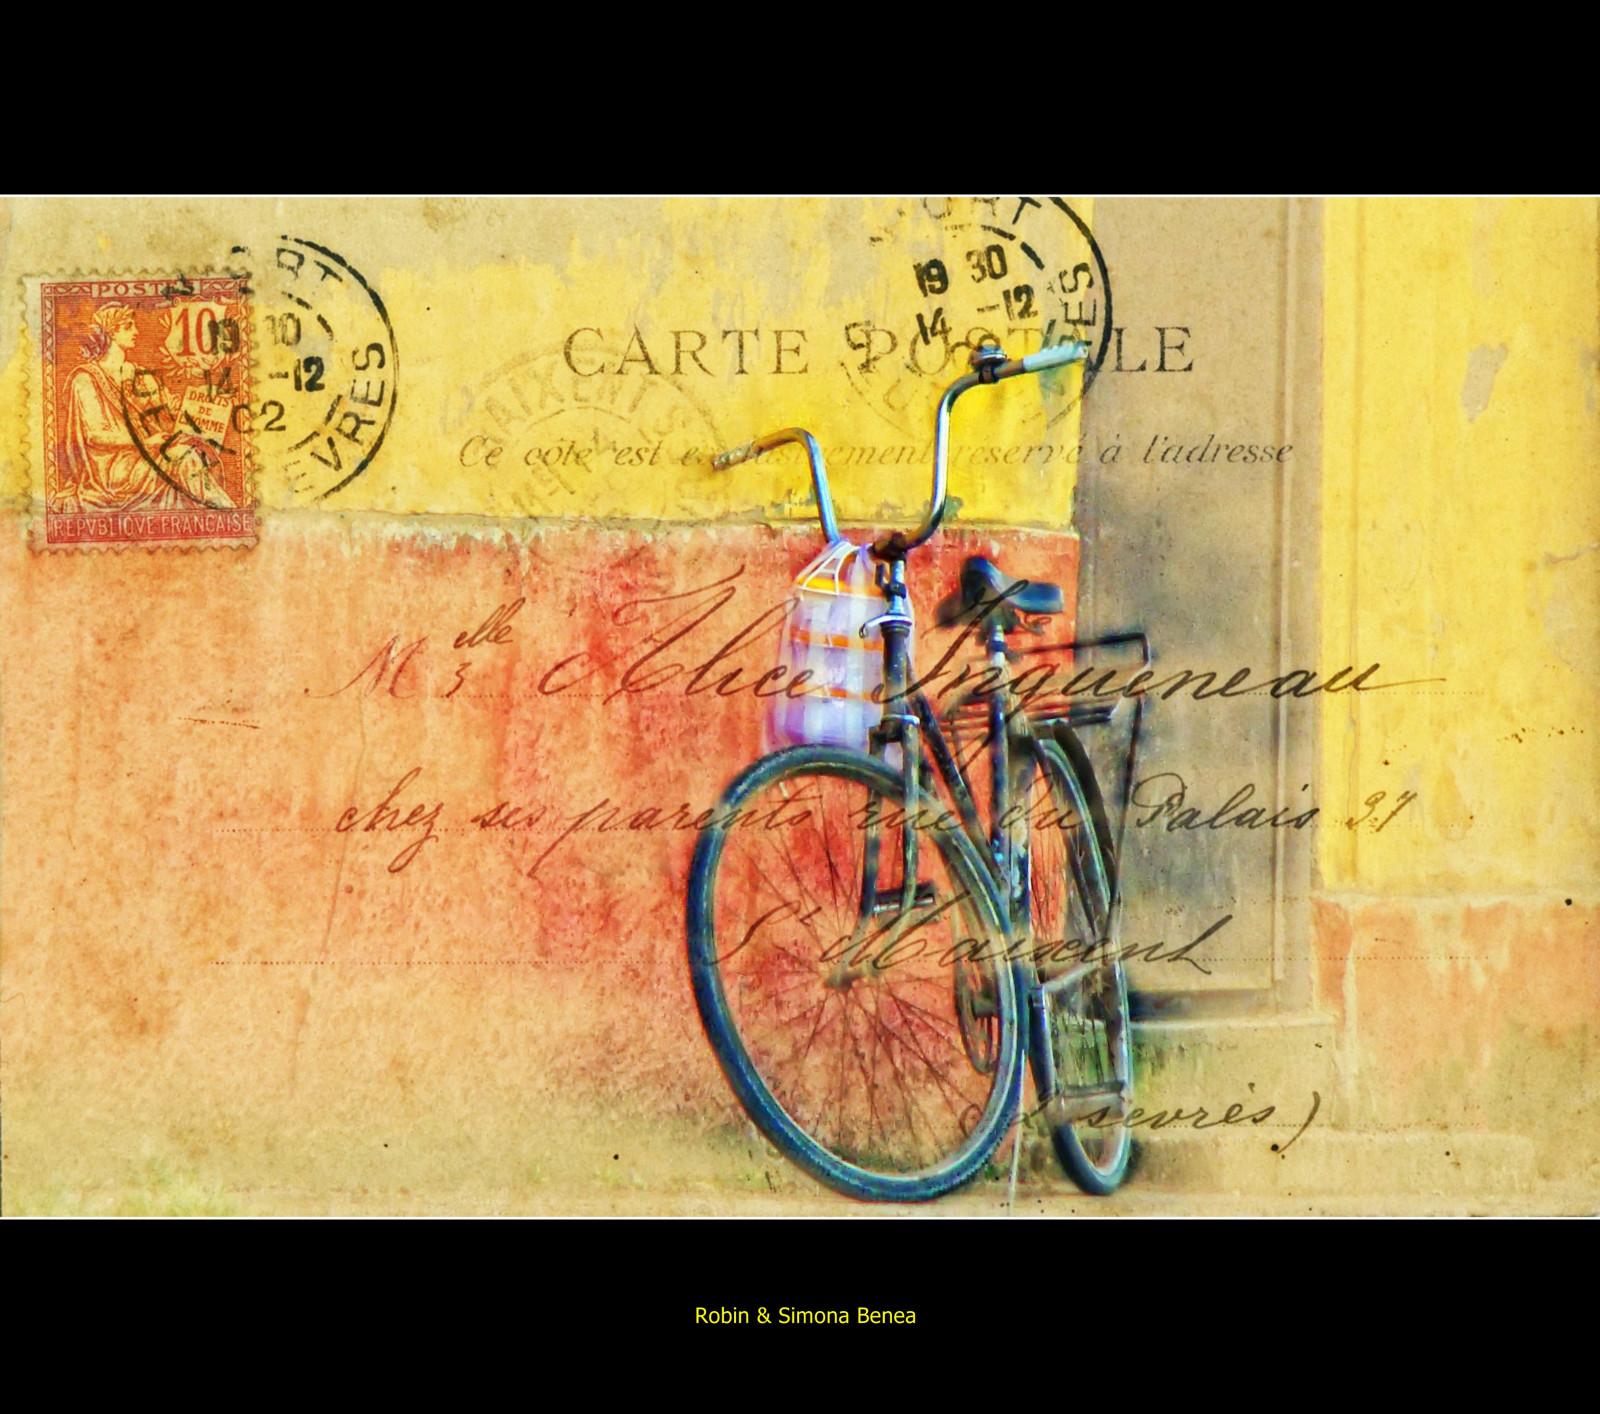 Hintergrundbilder : Malerei, Fahrrad, Text, Gelb, Grafikdesign ...